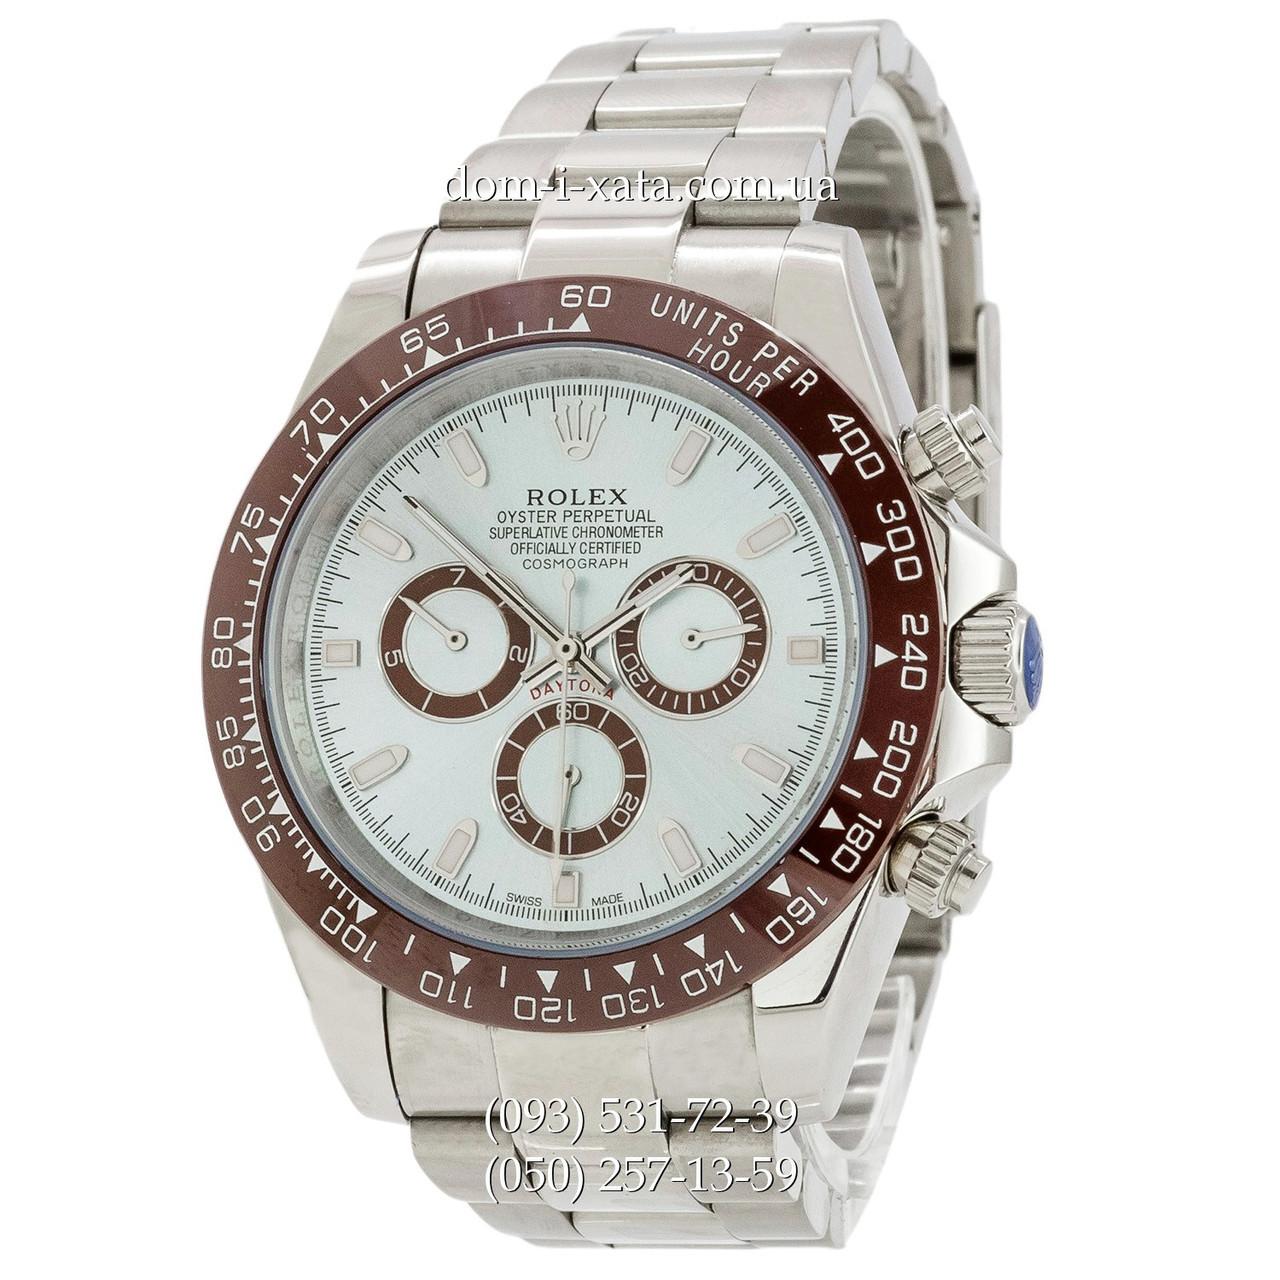 Мужские часы Rolex Daytona AAA Silver-Brown-Blue, механические часы Ролекс Дайтона качество, реплика отличное качество!